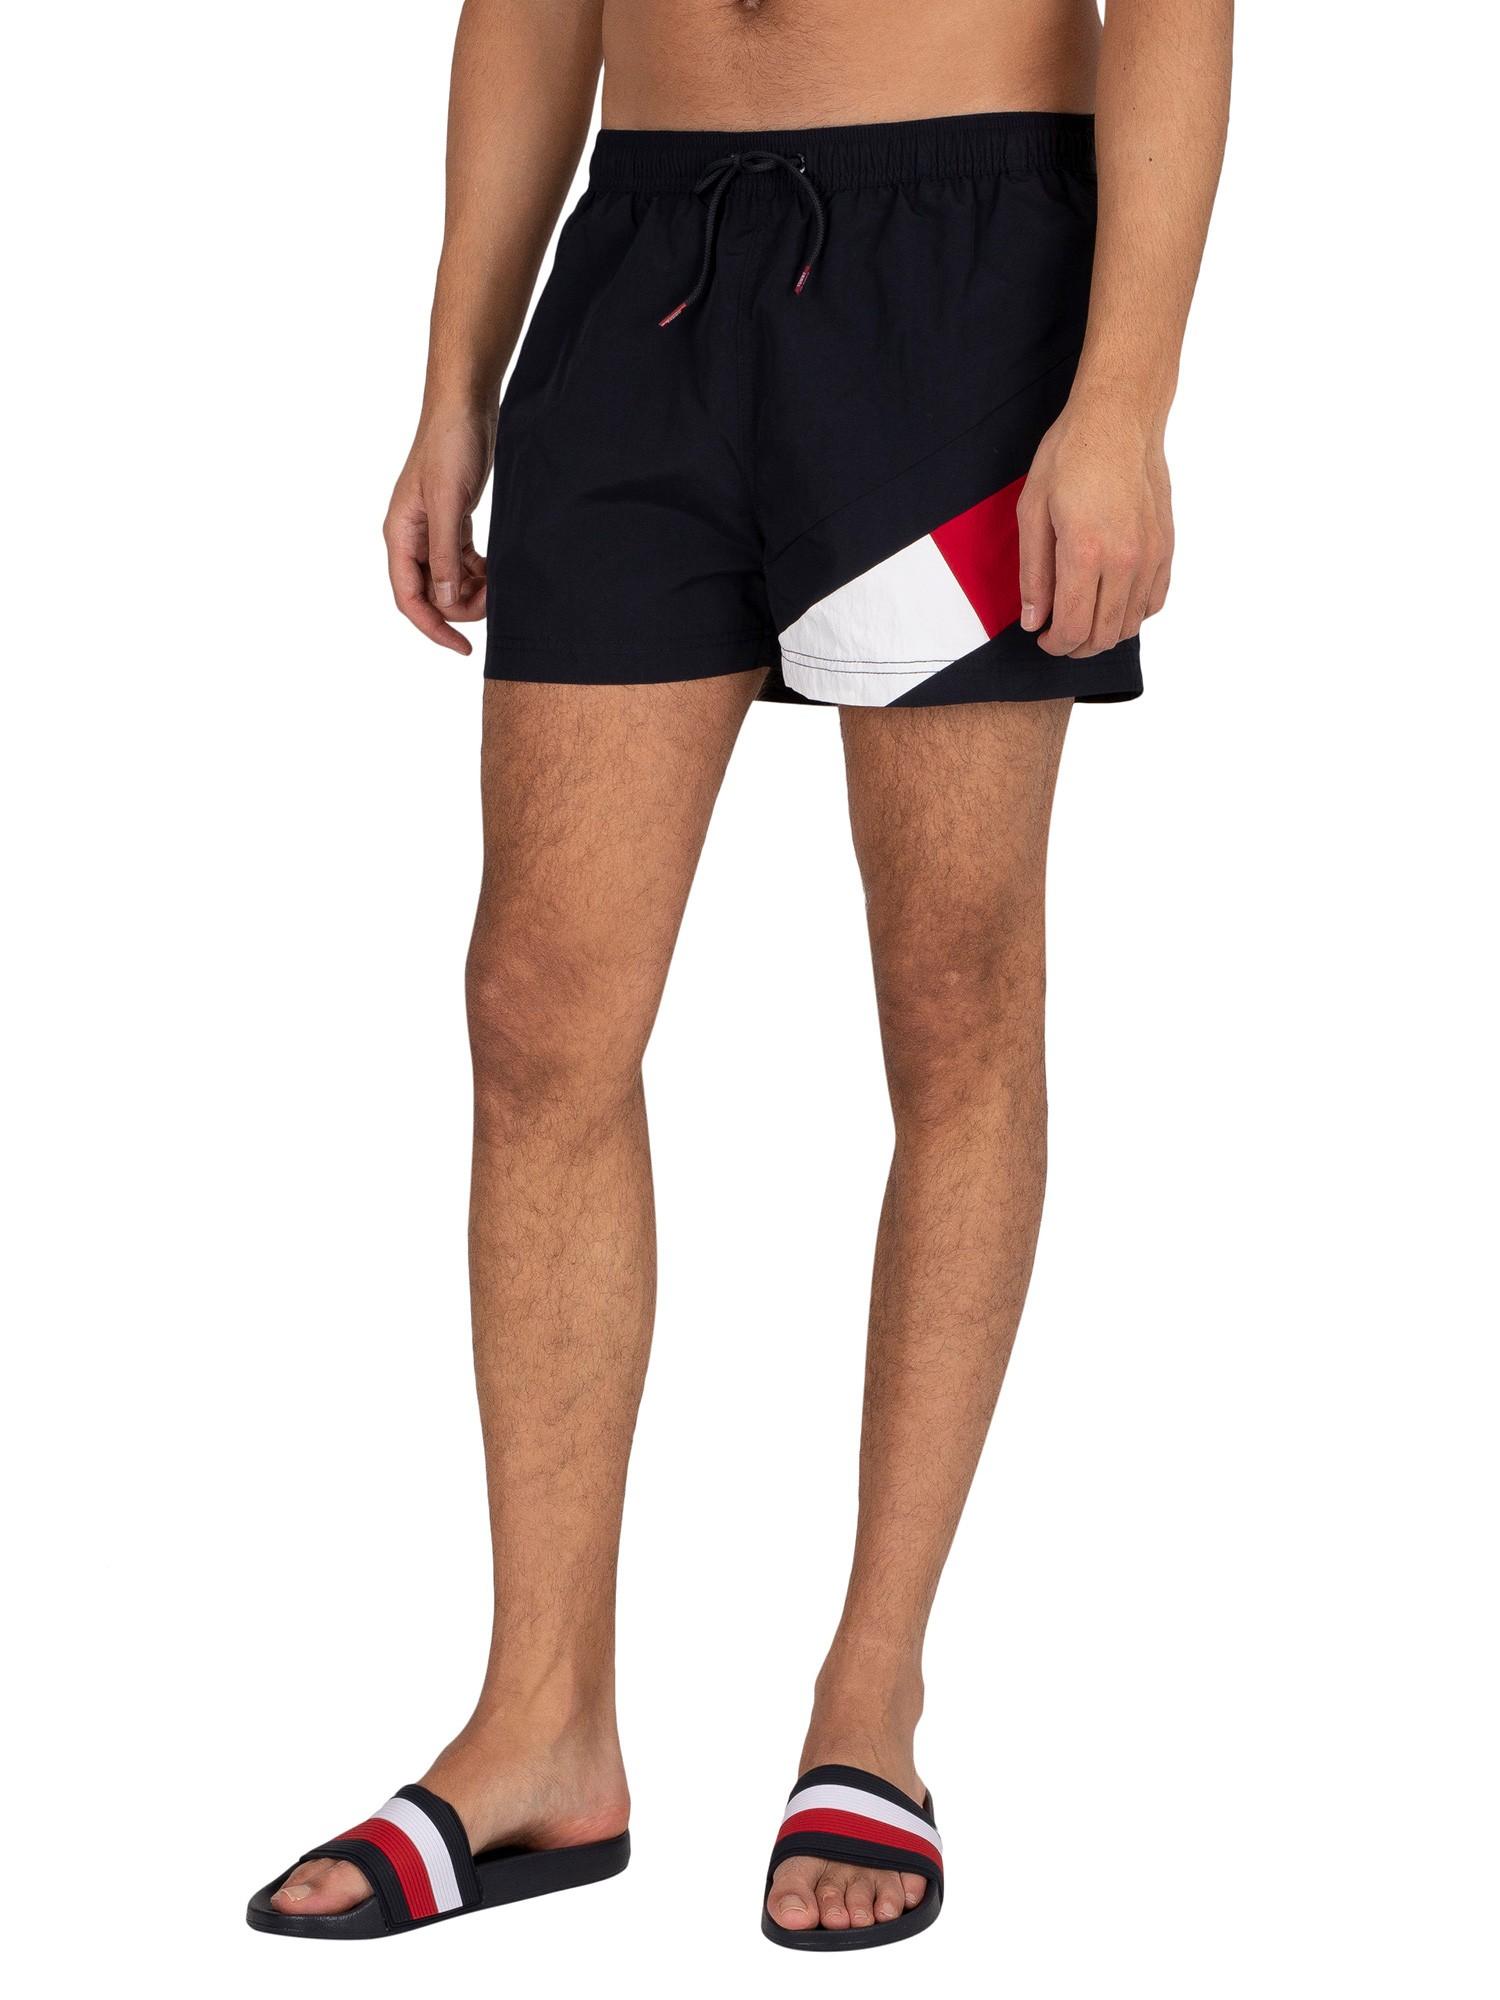 Short Drawstring Regular Swim Shorts